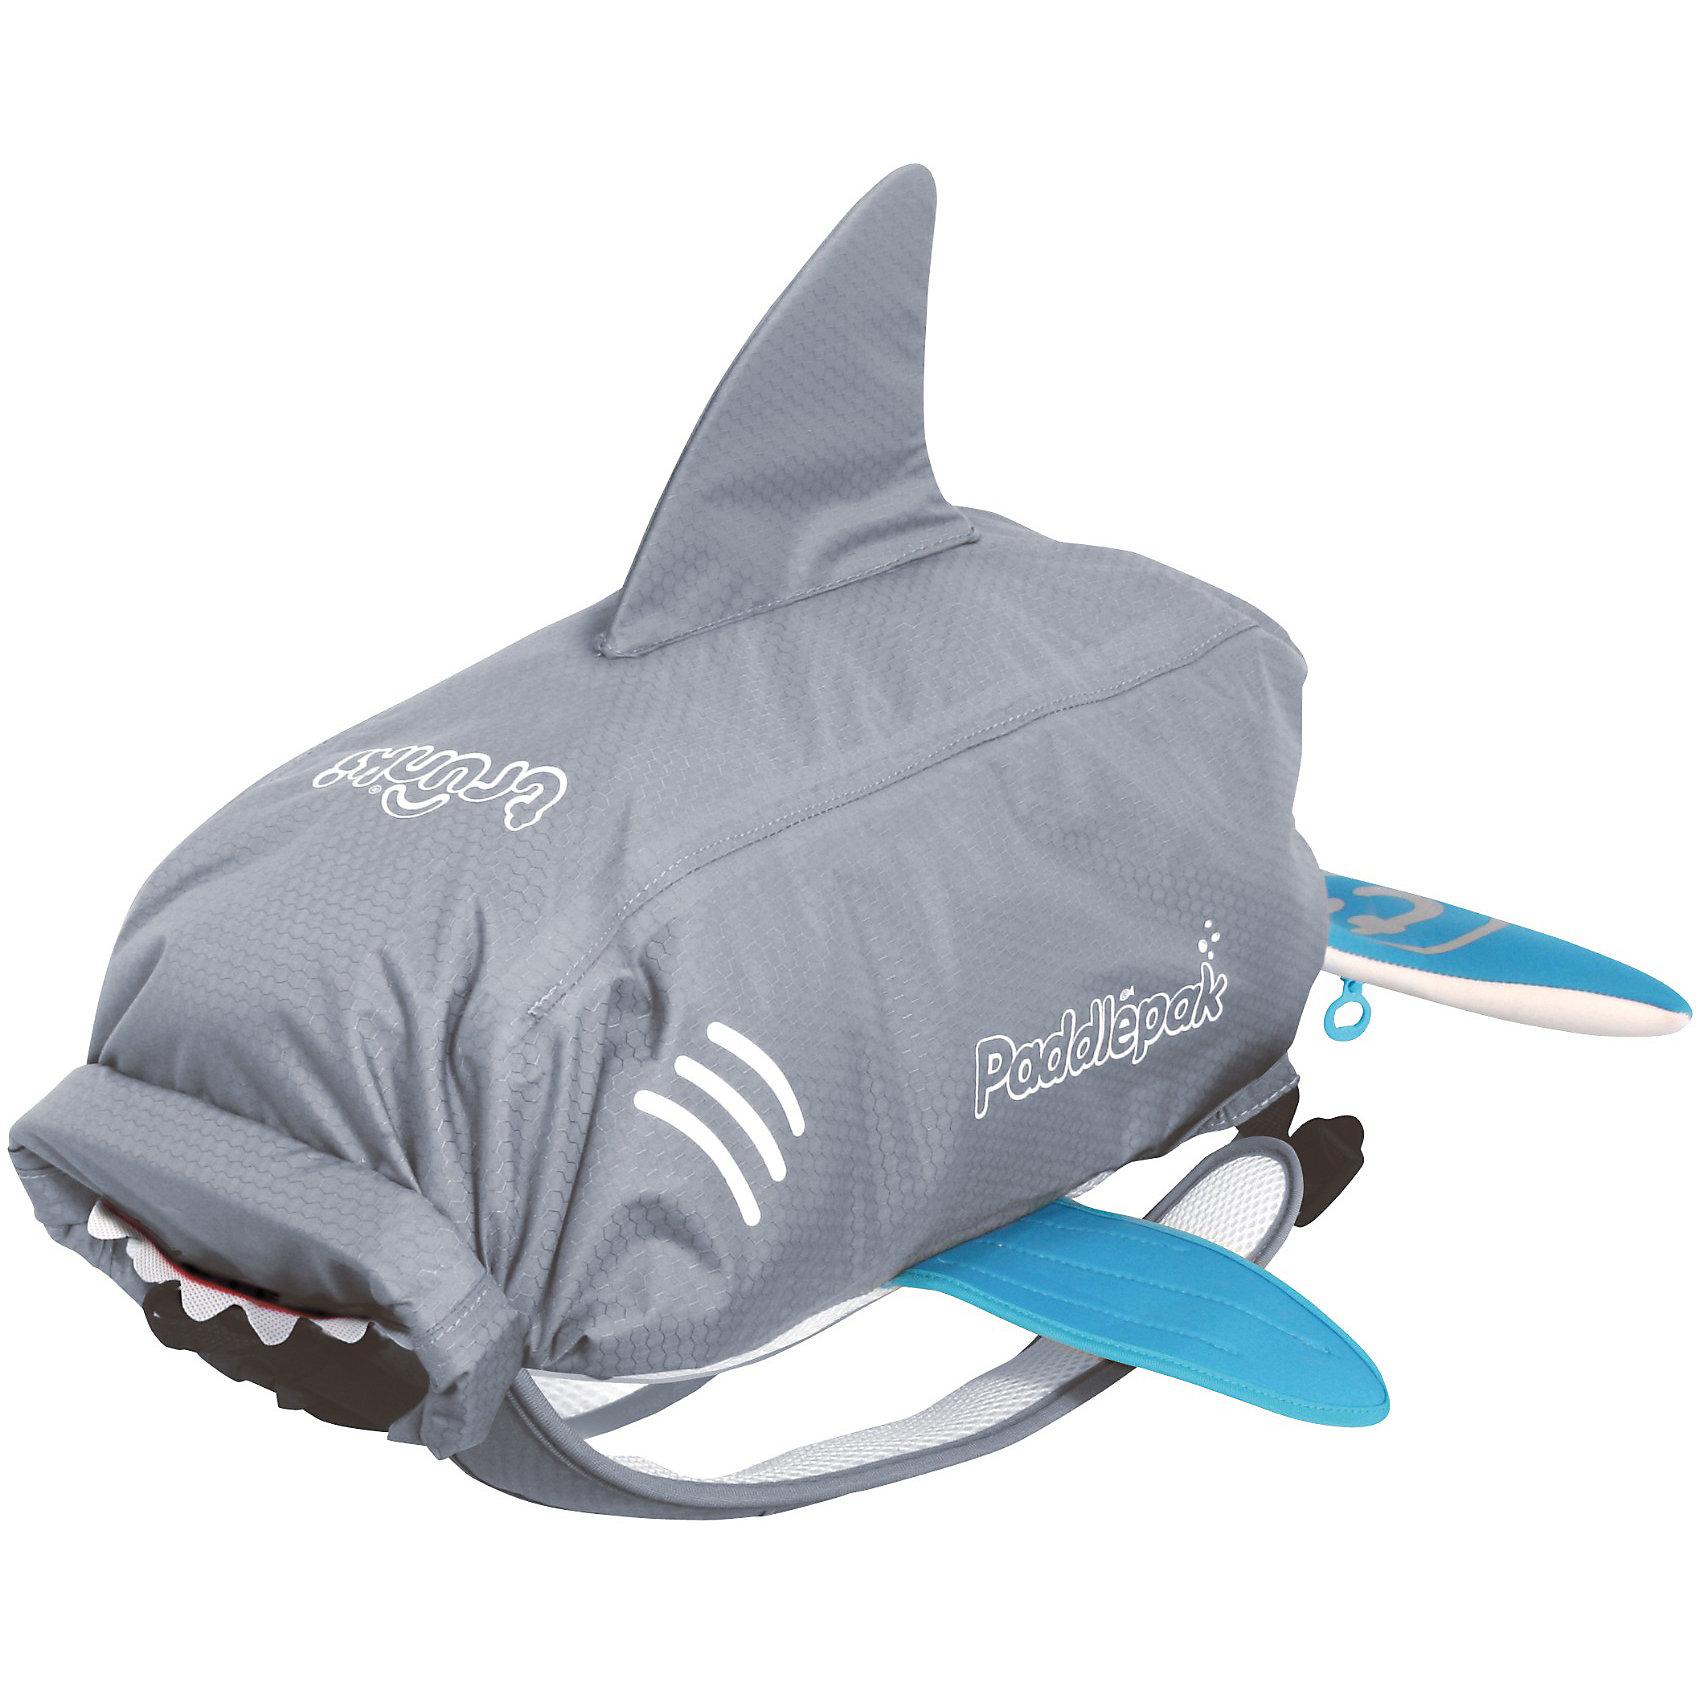 Рюкзак универсальный АКУЛАКупальники и плавки<br>Универсальный рюкзак Акула - стильный нарядный рюкзачок, который замечательно подойдет для занятий спортом, поездок и путешествий. Необычный рюкзак выполнен из прочного водоотталкивающего материала в виде акулы серого цвета с голубыми плавниками. Рюкзак закрывается с помощью оригинальной крышки-скрутки, а уникальная застежка top-roll сохранит содержимое и защитит от проникновения воды. Внутри одно большое отделение с вместительным карманом глубиной 40 см. На внешней стороне рюкзака имеется специальное крепление, куда можно подвесить детские солнцезащитные очки, а также сетчатый карман и карман в виде хвоста акулы для различных мелочей. Рюкзак оснащен широкими эргономичными лямками, которые регулируются до нужного размера. Светоотражающие элементы обеспечивают безопасность на дороге и в темное время суток. Яркий стильный аксессуар непременно понравится Вашему ребенку и превратит любую поездку в веселое приключение.<br><br>Дополнительная информация:<br><br>- Материал: текстиль. <br>- Объем: 10 л. <br>- Размер рюкзака: 54 х 32 х 12 см.<br>- Размер упаковки: 54 х 32 х 5 см.<br>- Вес: 0,3 кг.<br><br>Рюкзак универсальный Акула, Trunki, можно купить в нашем интернет-магазине.<br><br>Ширина мм: 518<br>Глубина мм: 347<br>Высота мм: 51<br>Вес г: 266<br>Возраст от месяцев: 36<br>Возраст до месяцев: 60<br>Пол: Унисекс<br>Возраст: Детский<br>SKU: 2808083